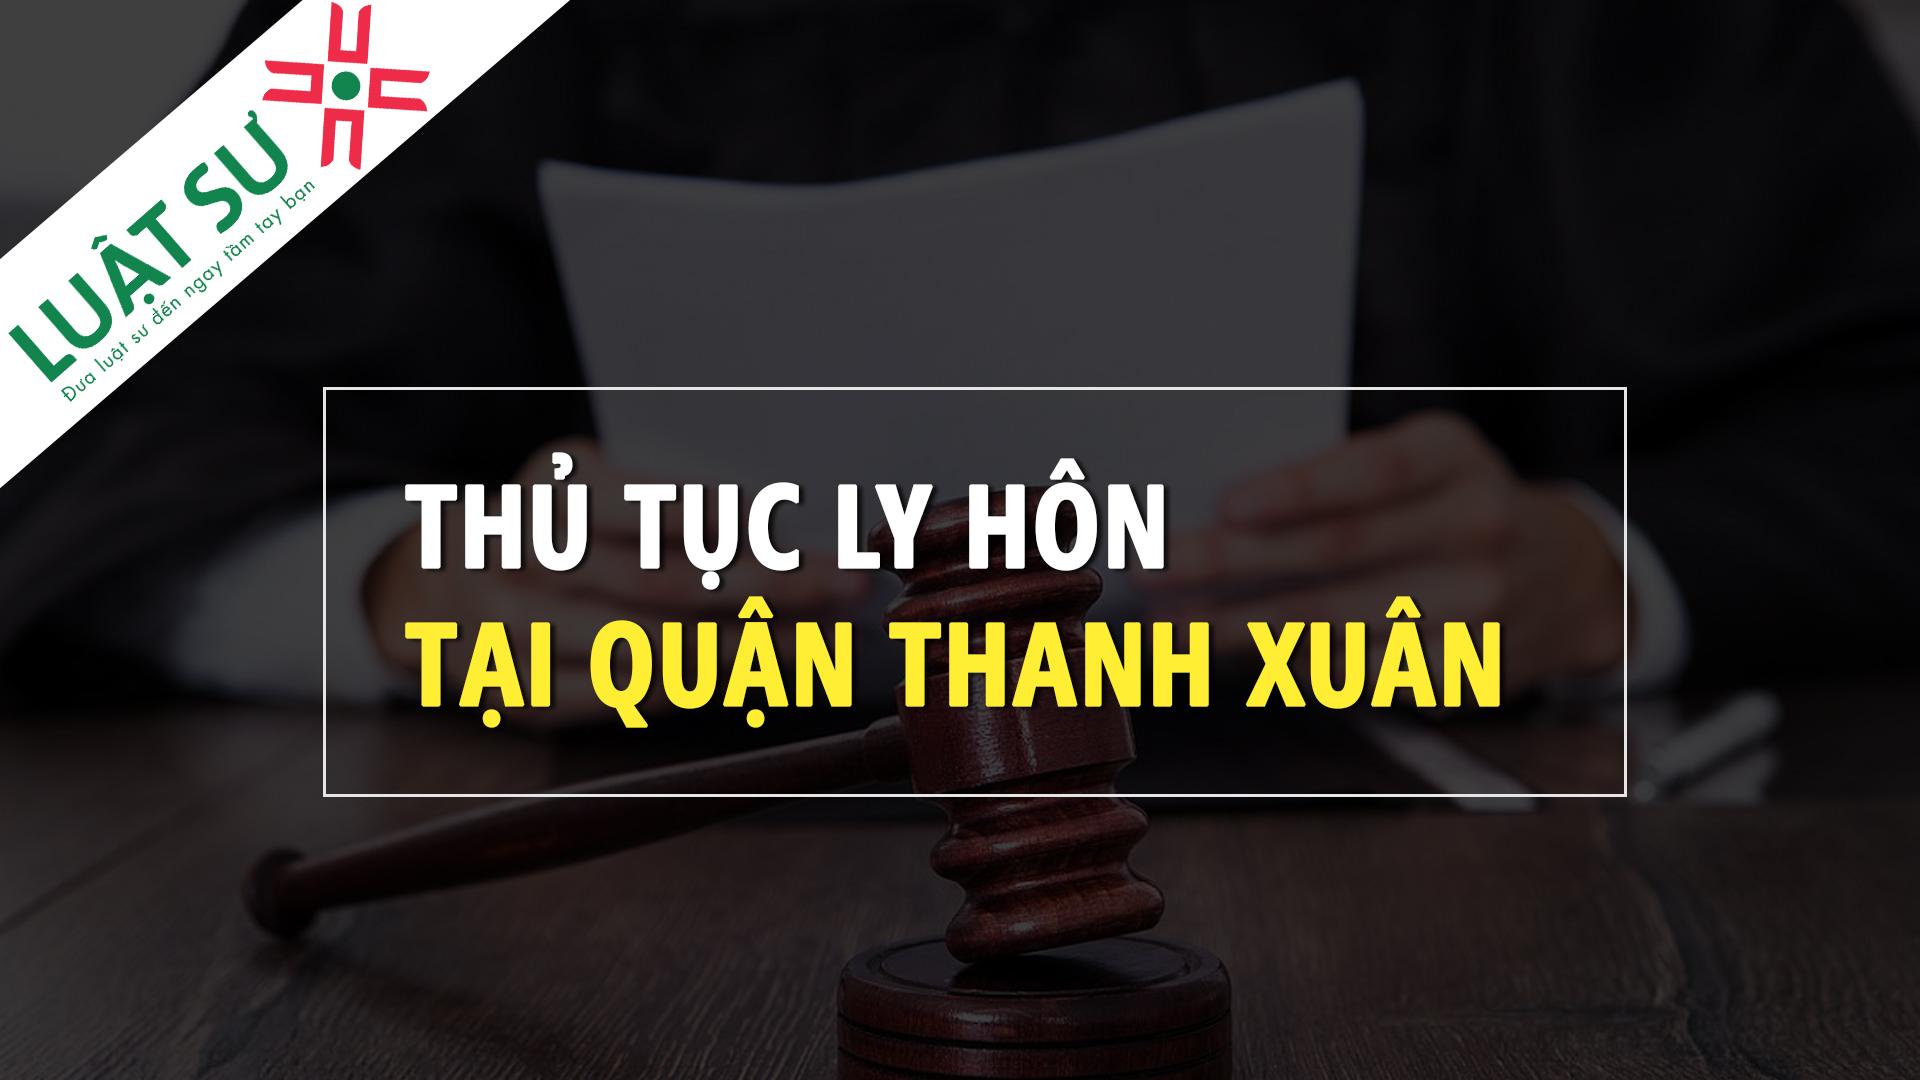 Thủ tục ly hôn tại Quận Thanh Xuân